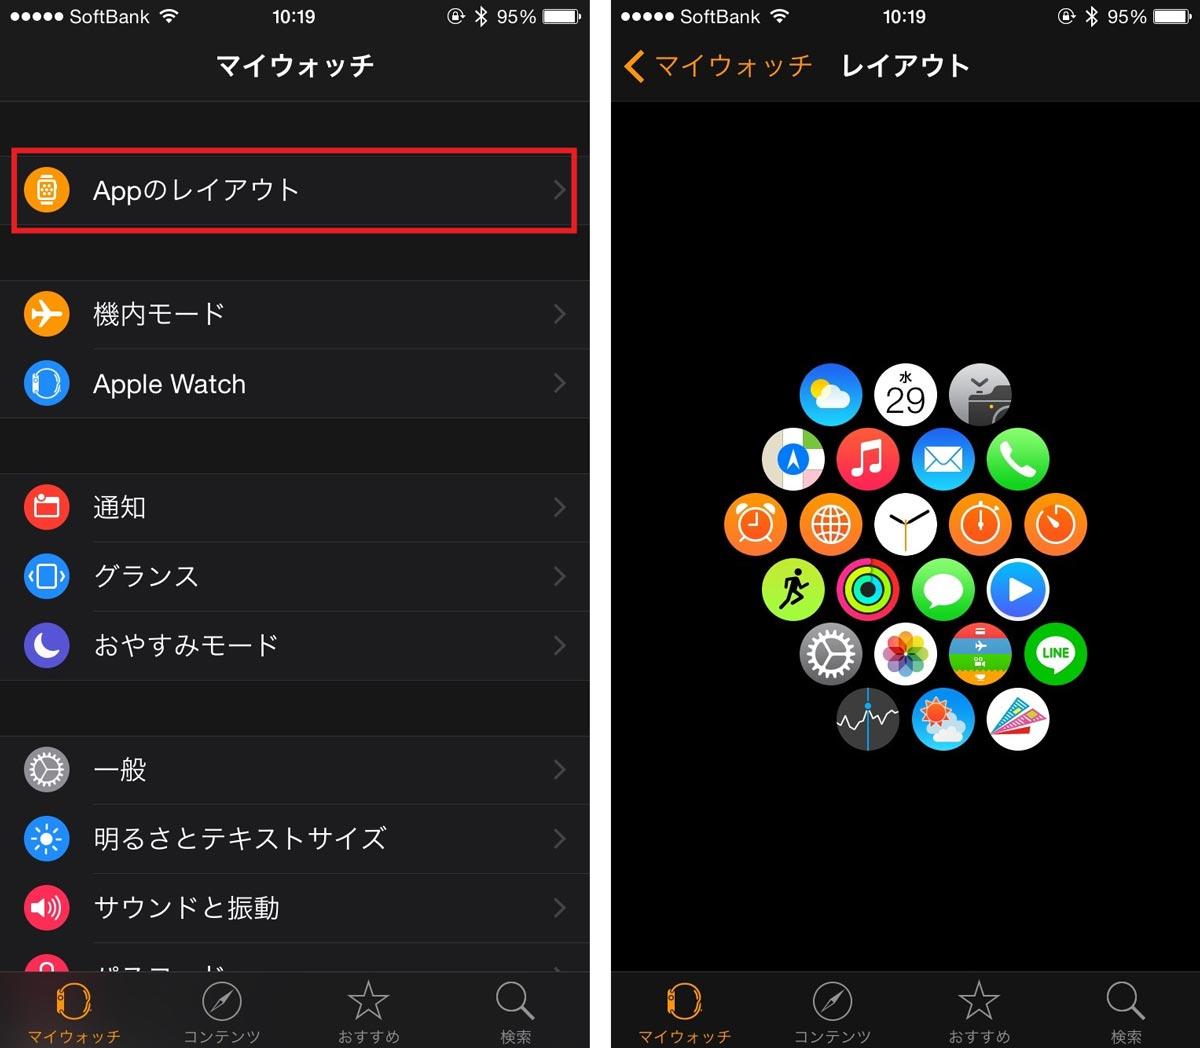 Applewatch レイアウト変更方法